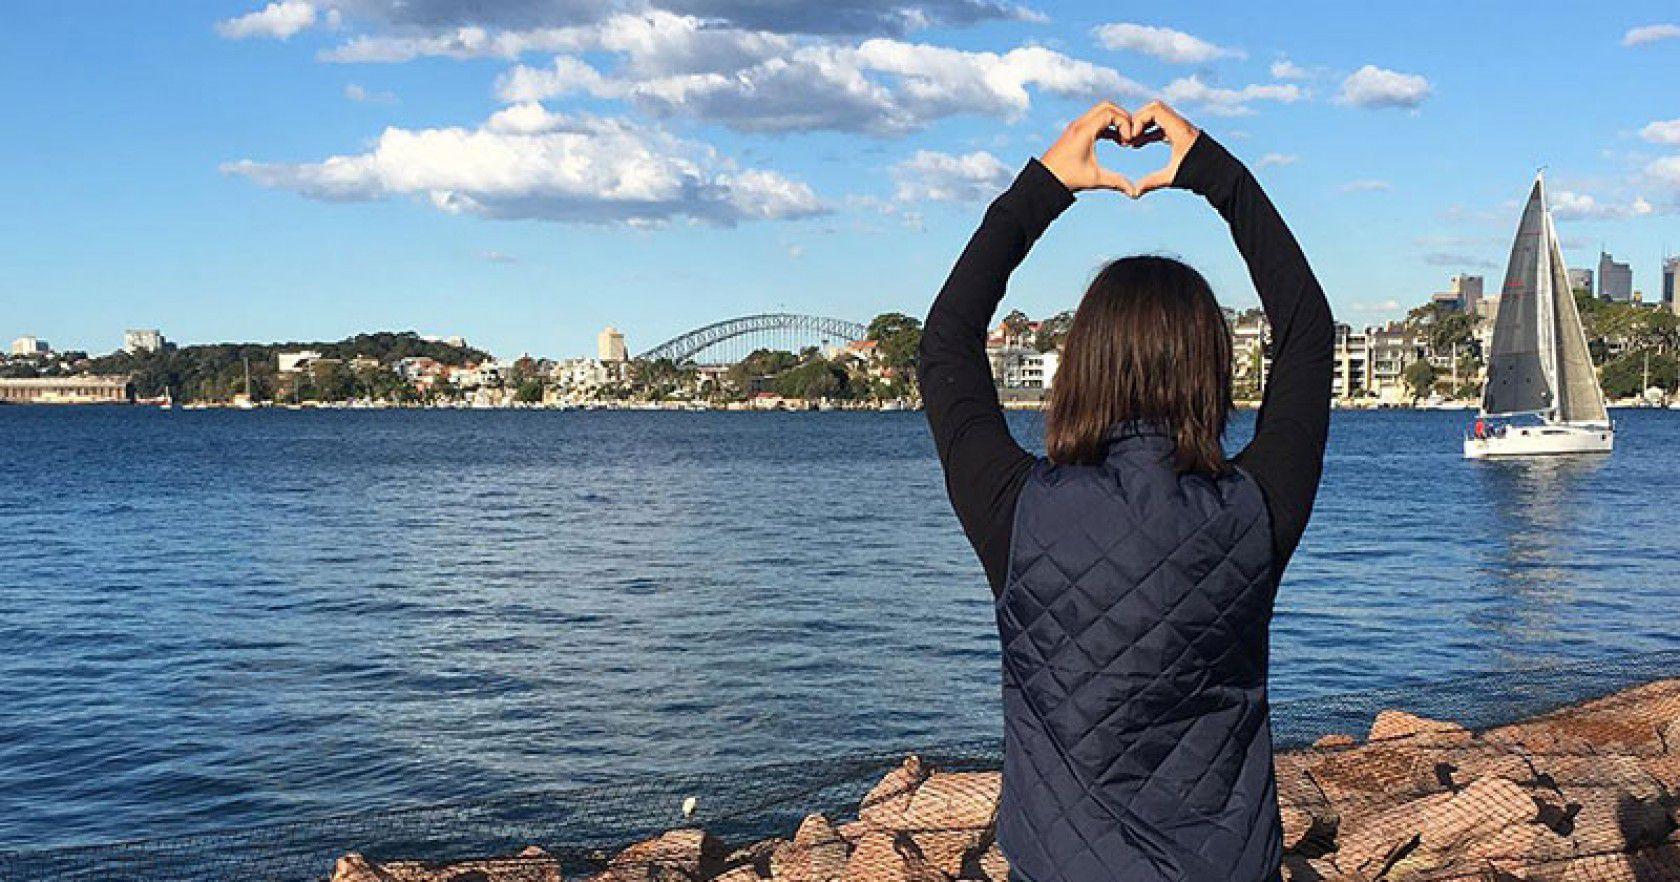 Avustralya Değişim Programları Hakkında Merak Edilen Tüm Detaylar